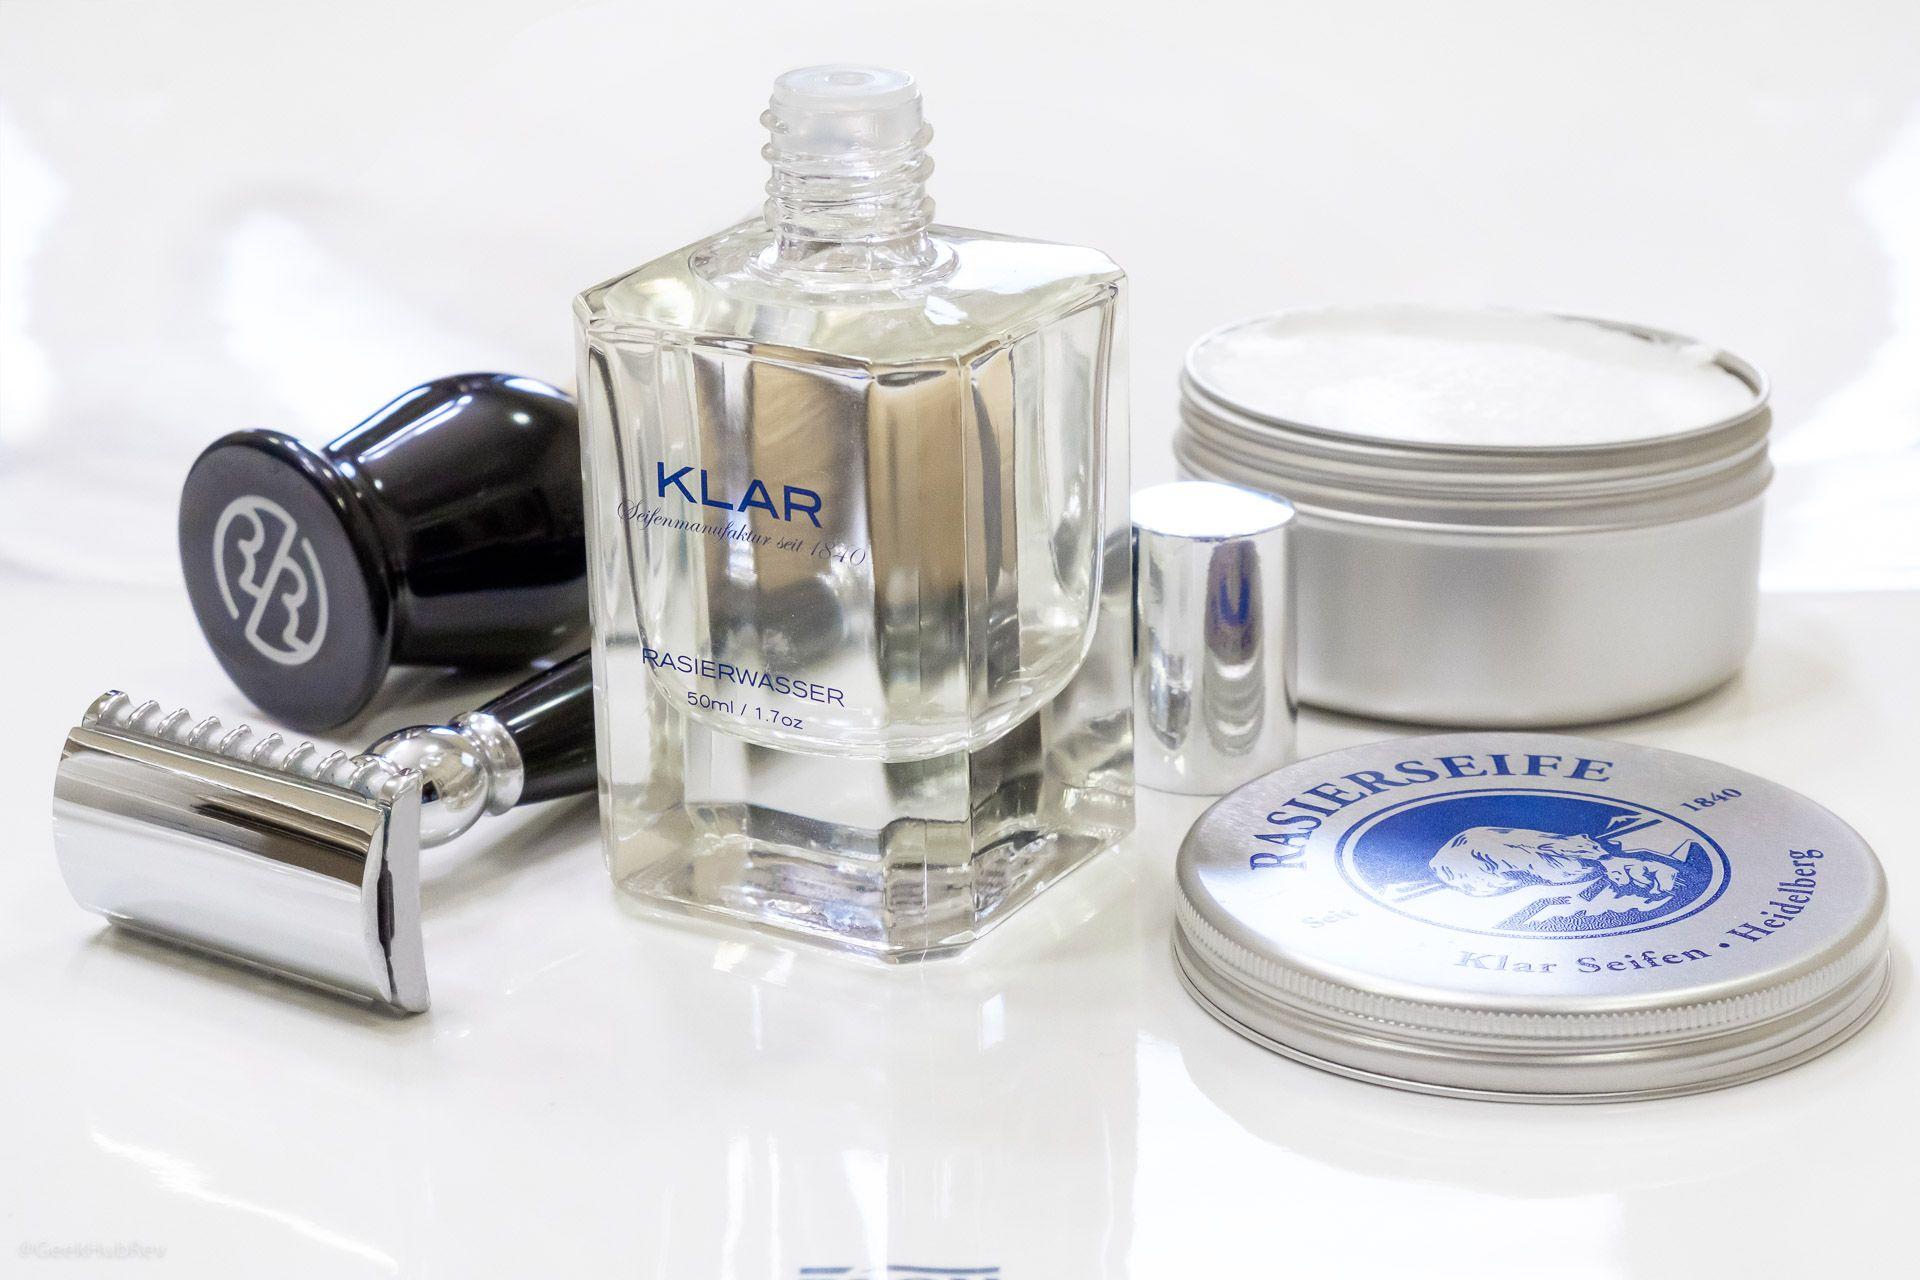 Klar Rasierwasser i Rasierseife – pierwsze wrażenia po użyciu mydła do golenia i wody po goleniu